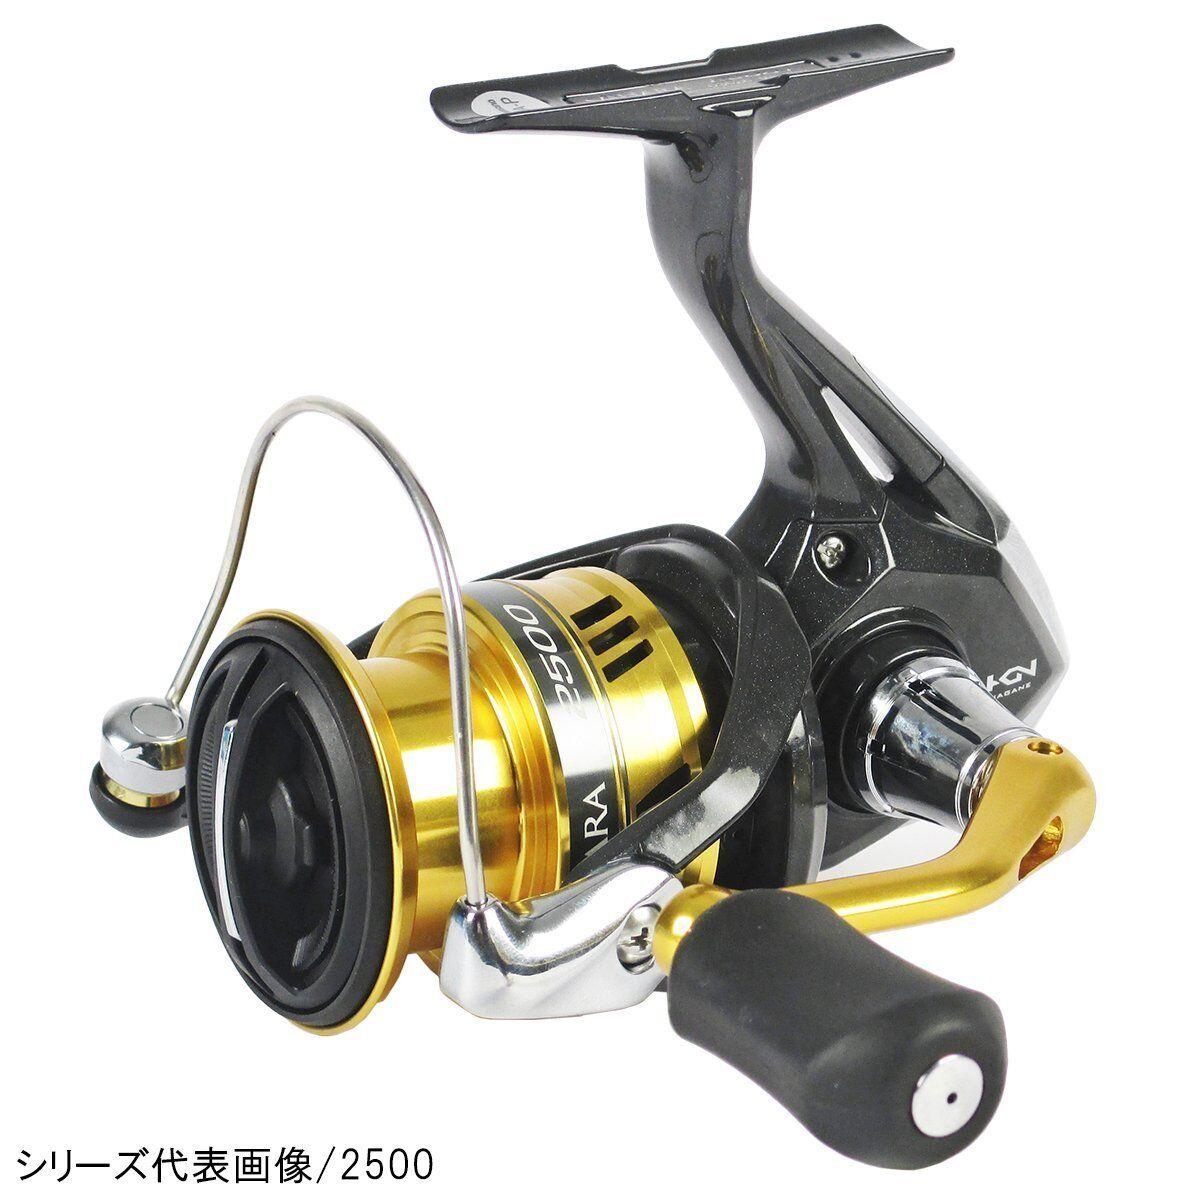 Shimano 17 Sahara 1000 Spinning Reel 4969363036230